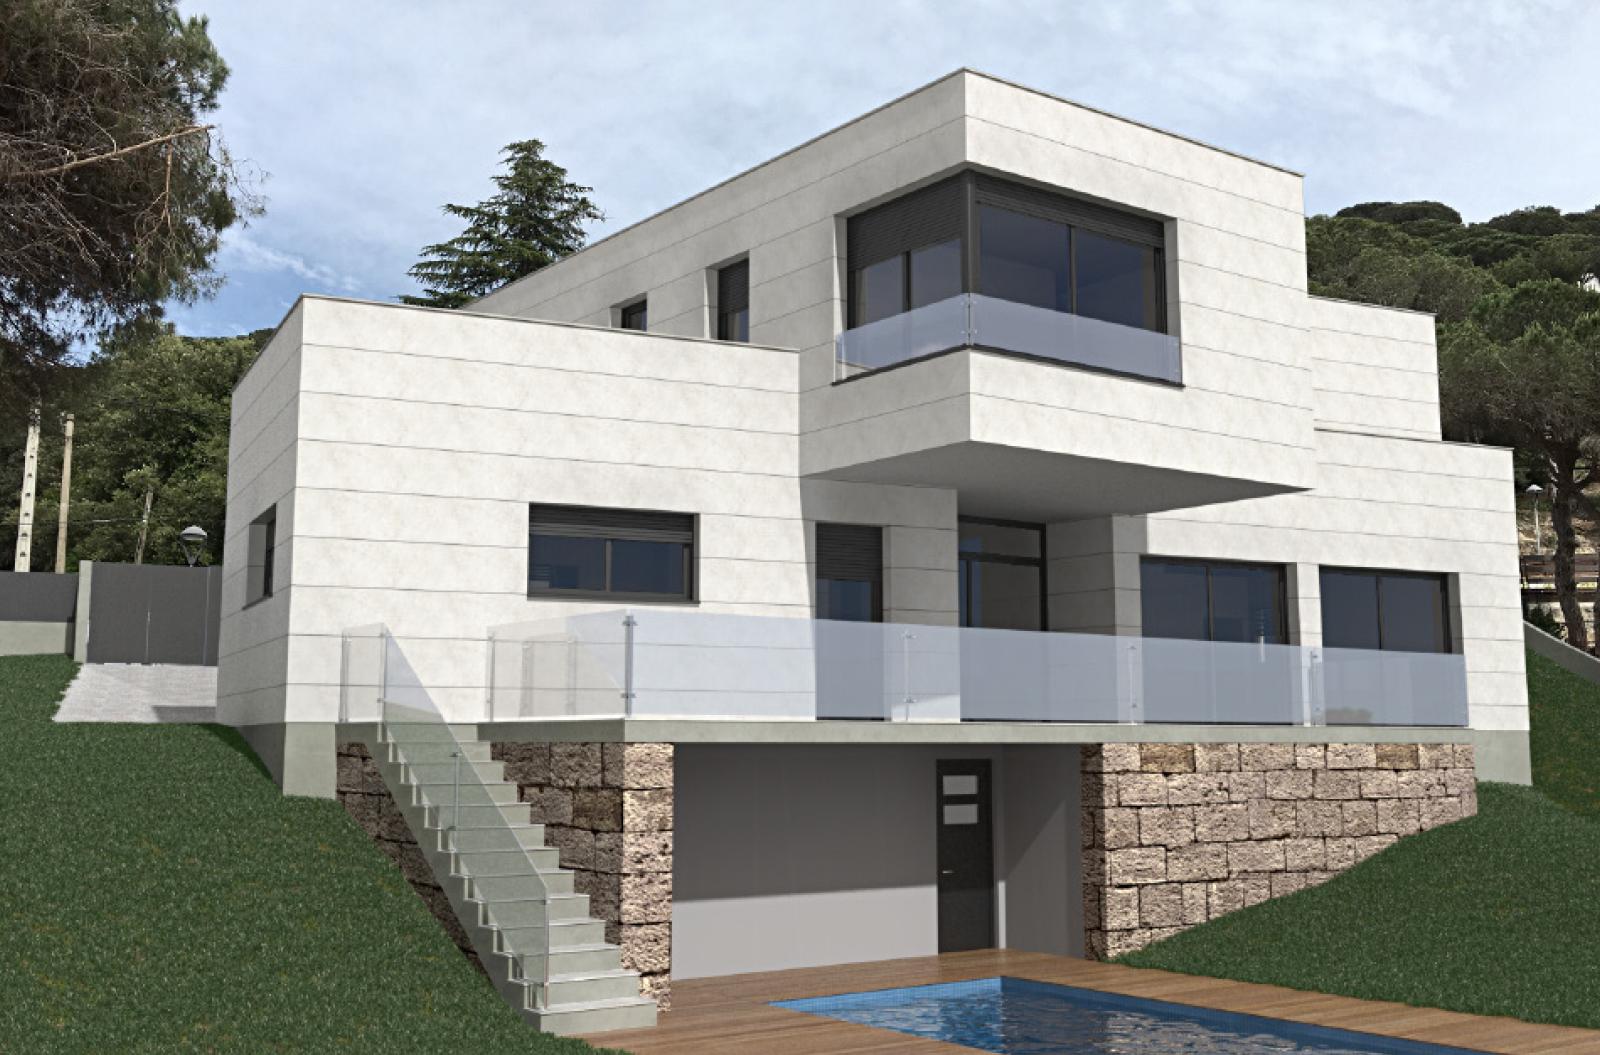 Las viviendas con estructura de acero pueden llegar a ser - Viviendas de acero ...